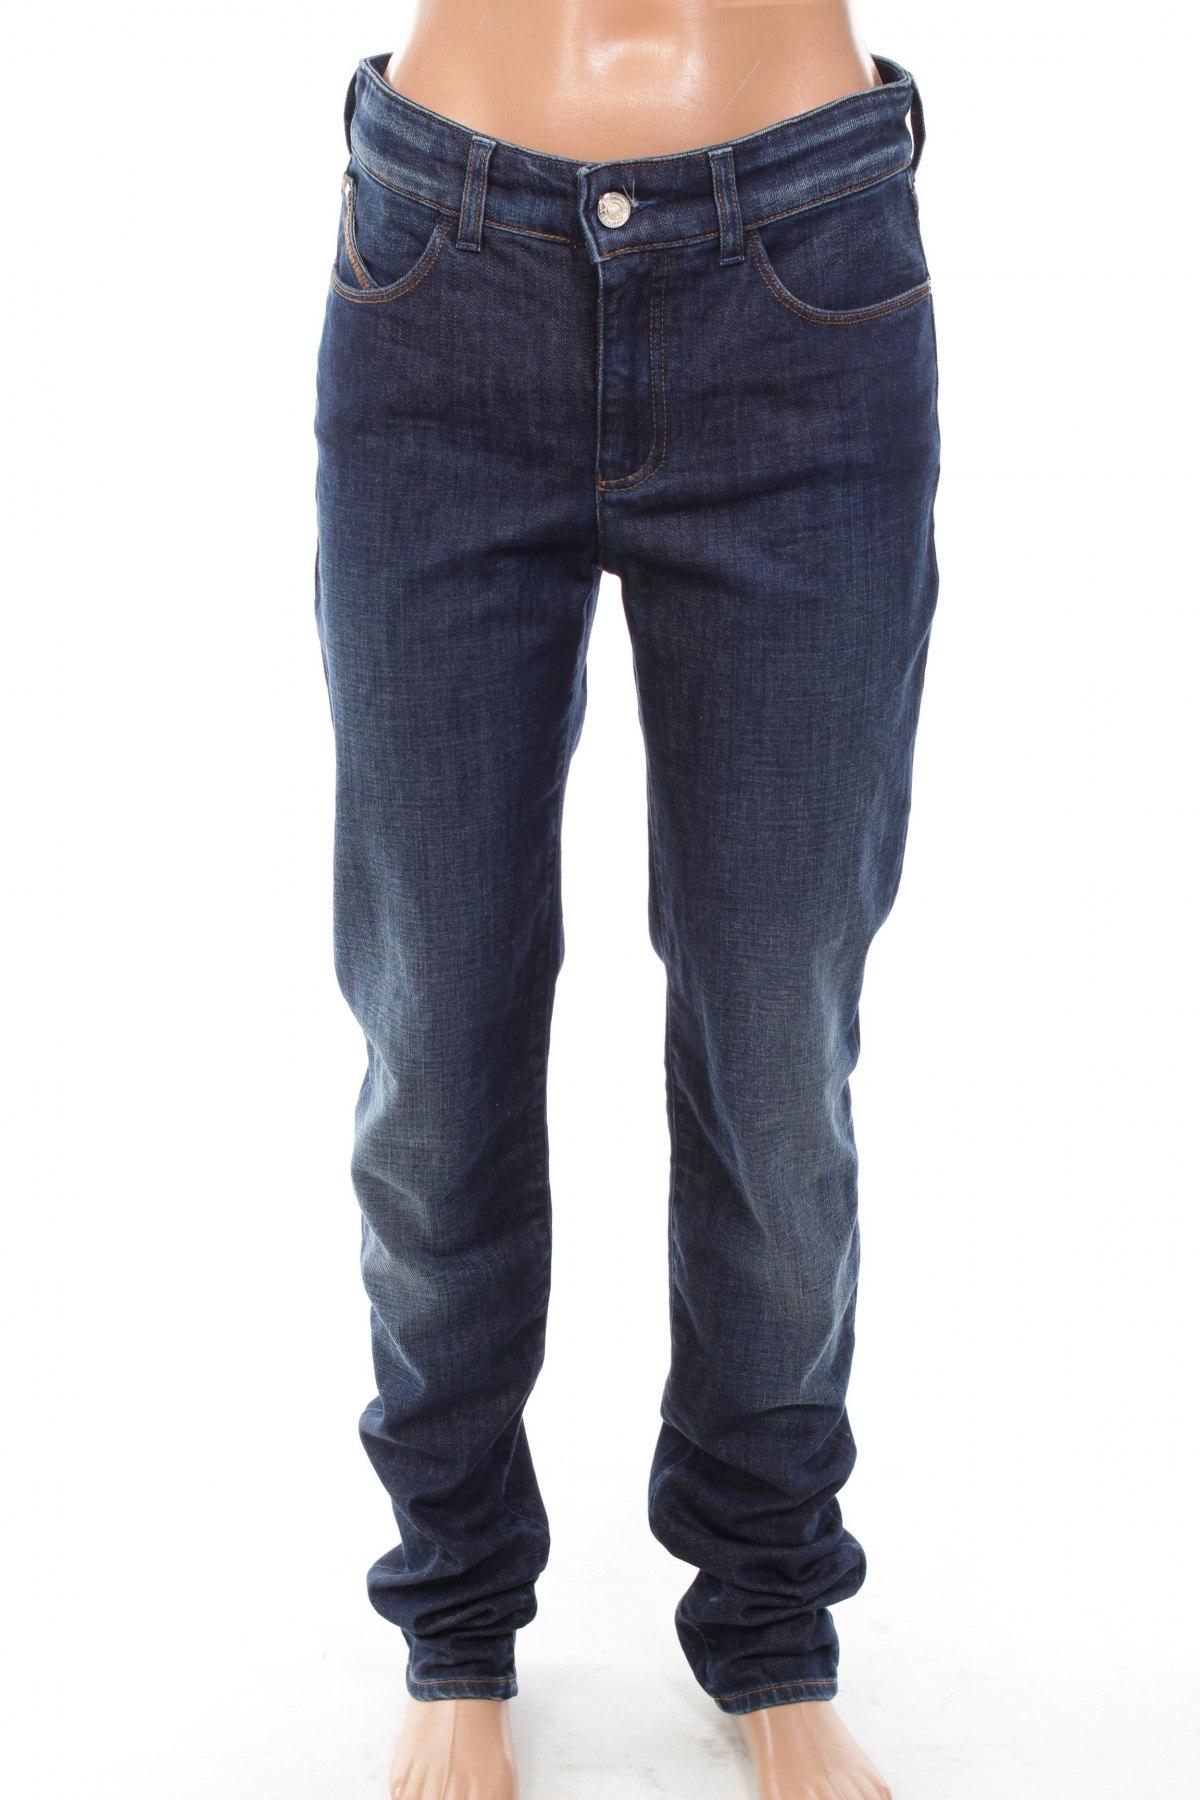 1b1acb29fa Női farmernadrág Armani Jeans - kedvező áron Remixben - #8238951